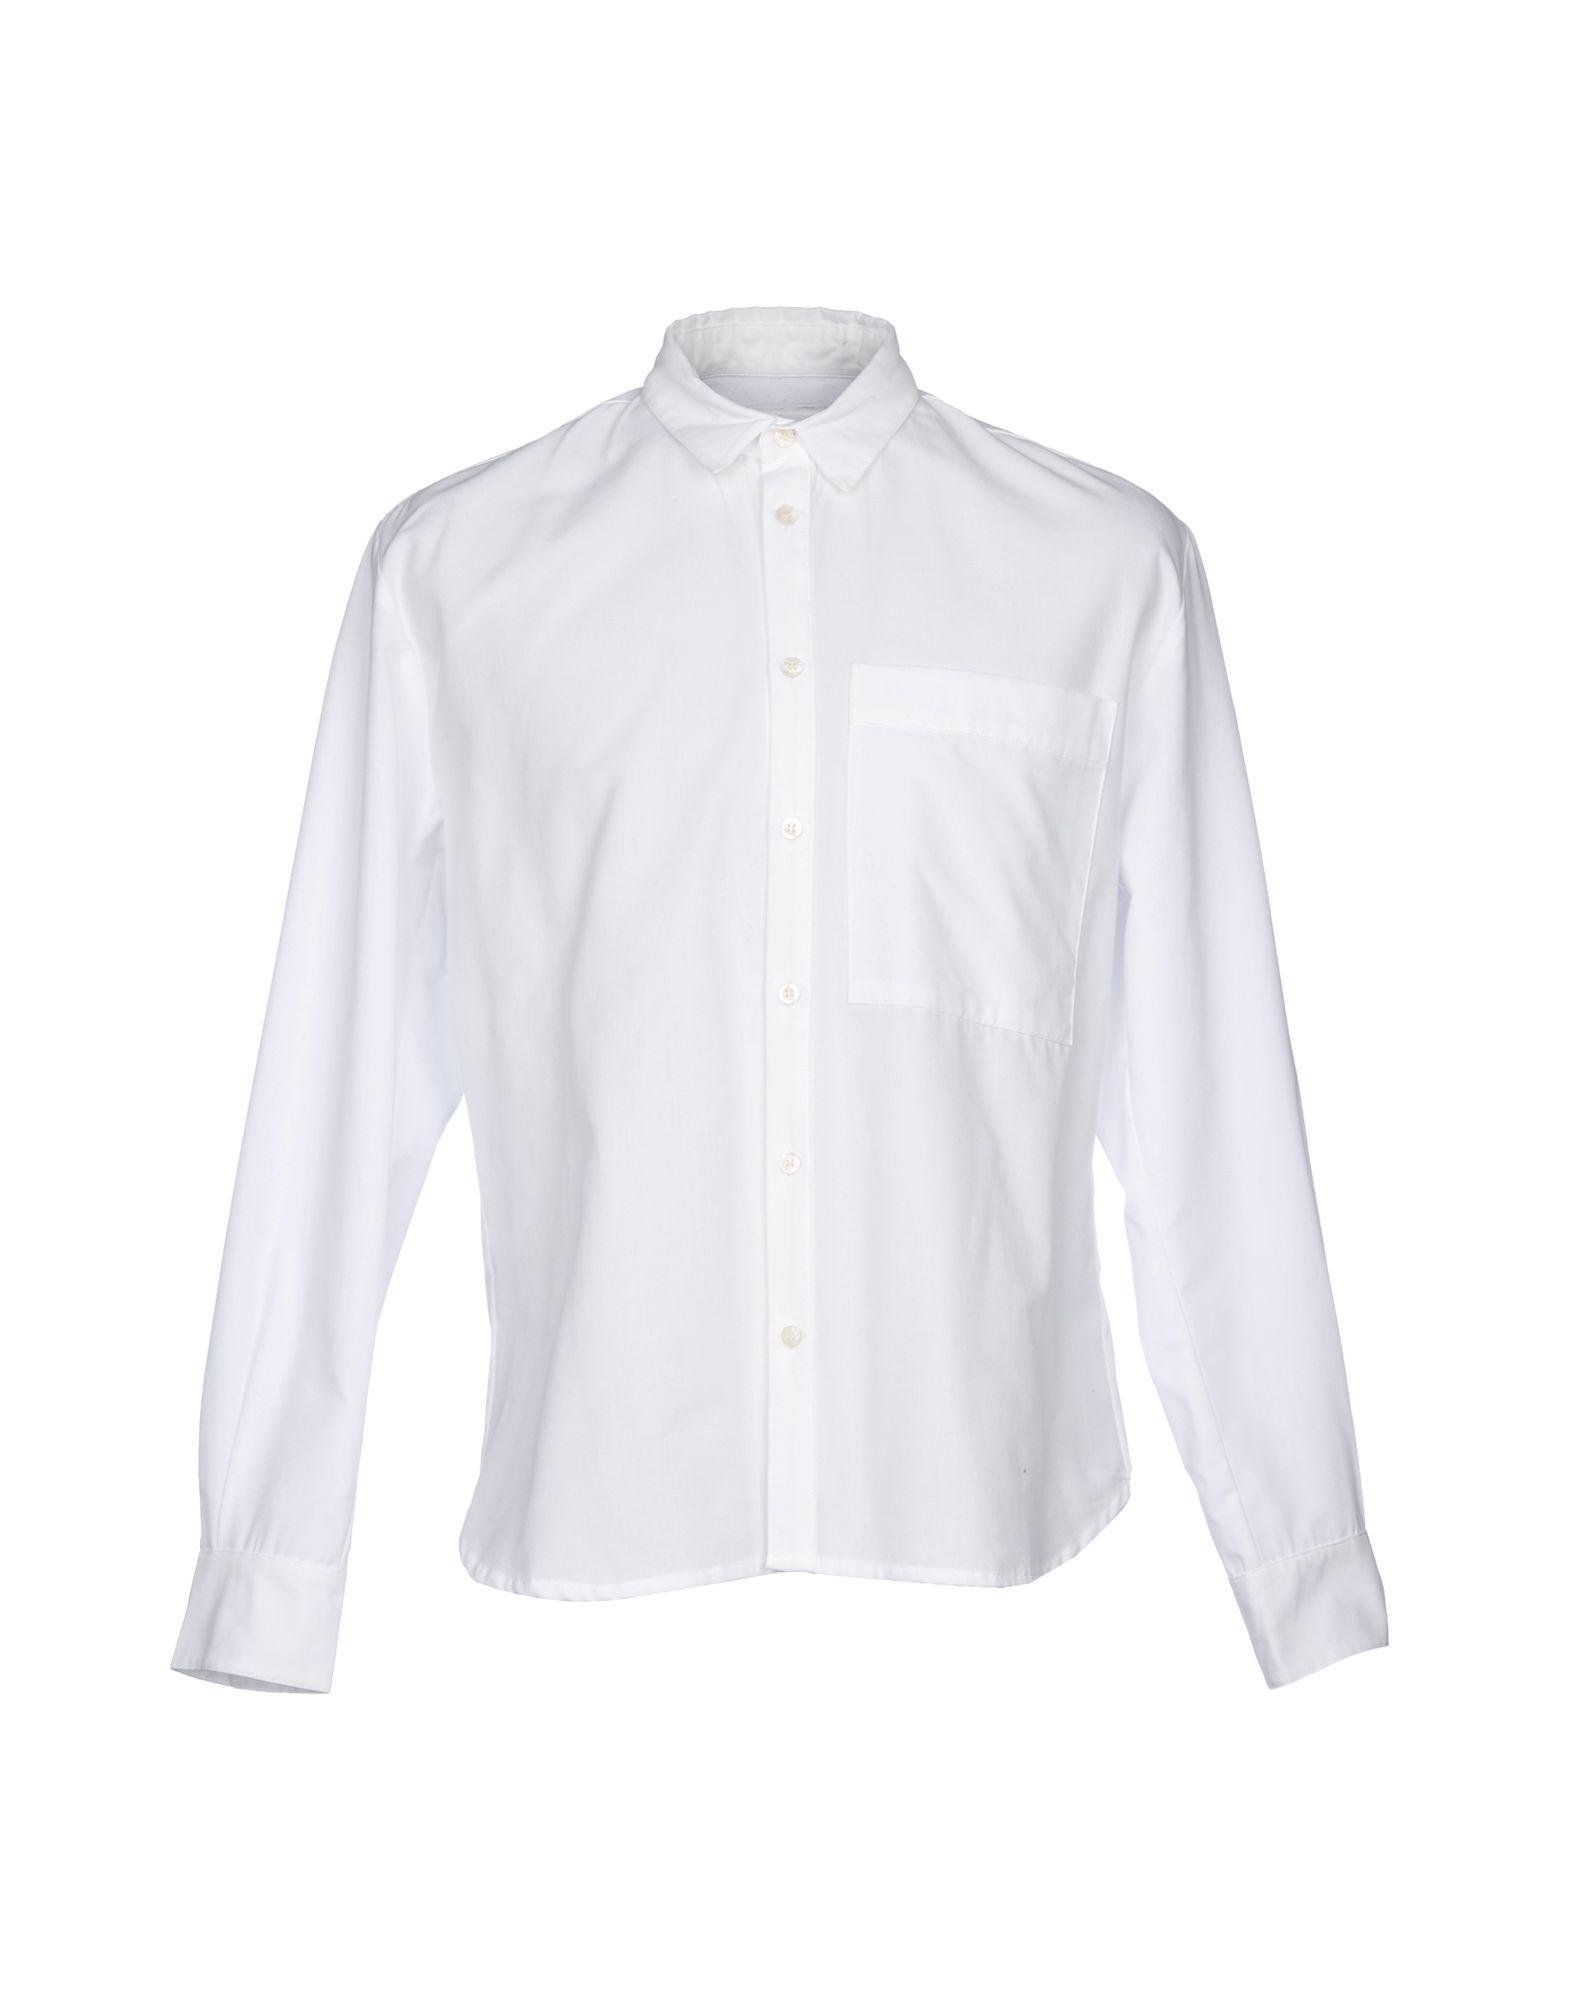 《送料無料》BONSAI メンズ シャツ ホワイト M コットン 100%